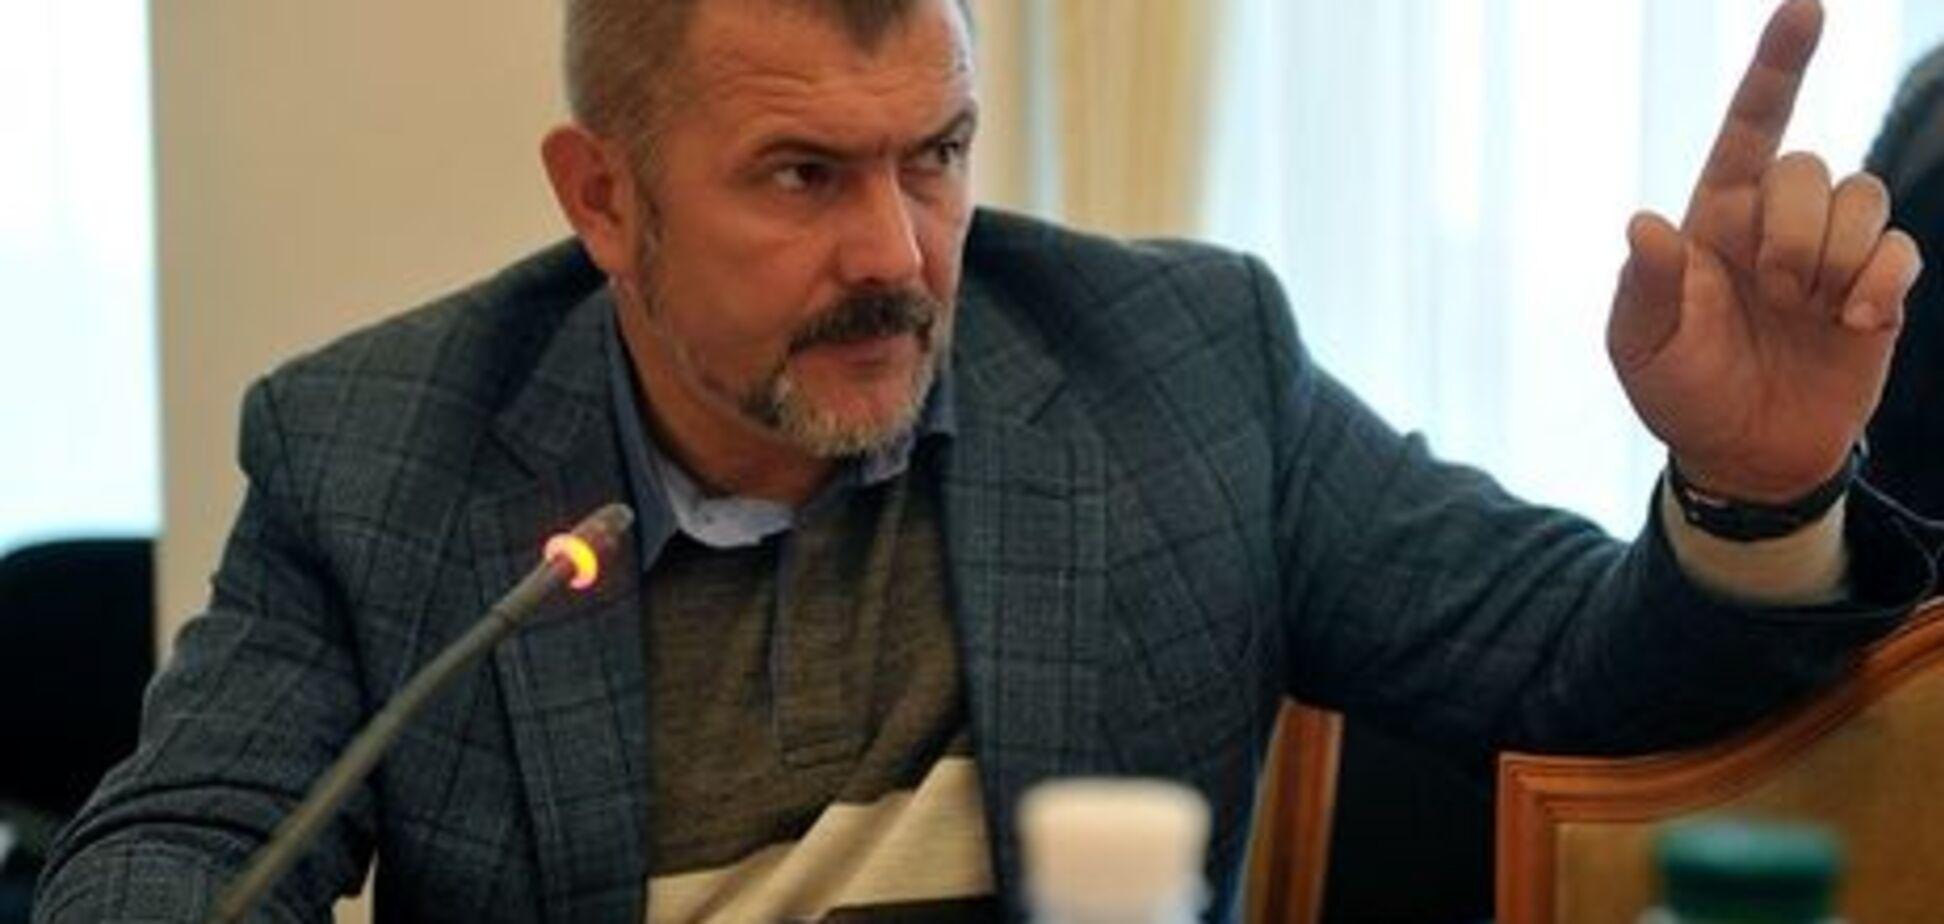 Избиение человека нардепом Березой: полиция озвучила свою версию